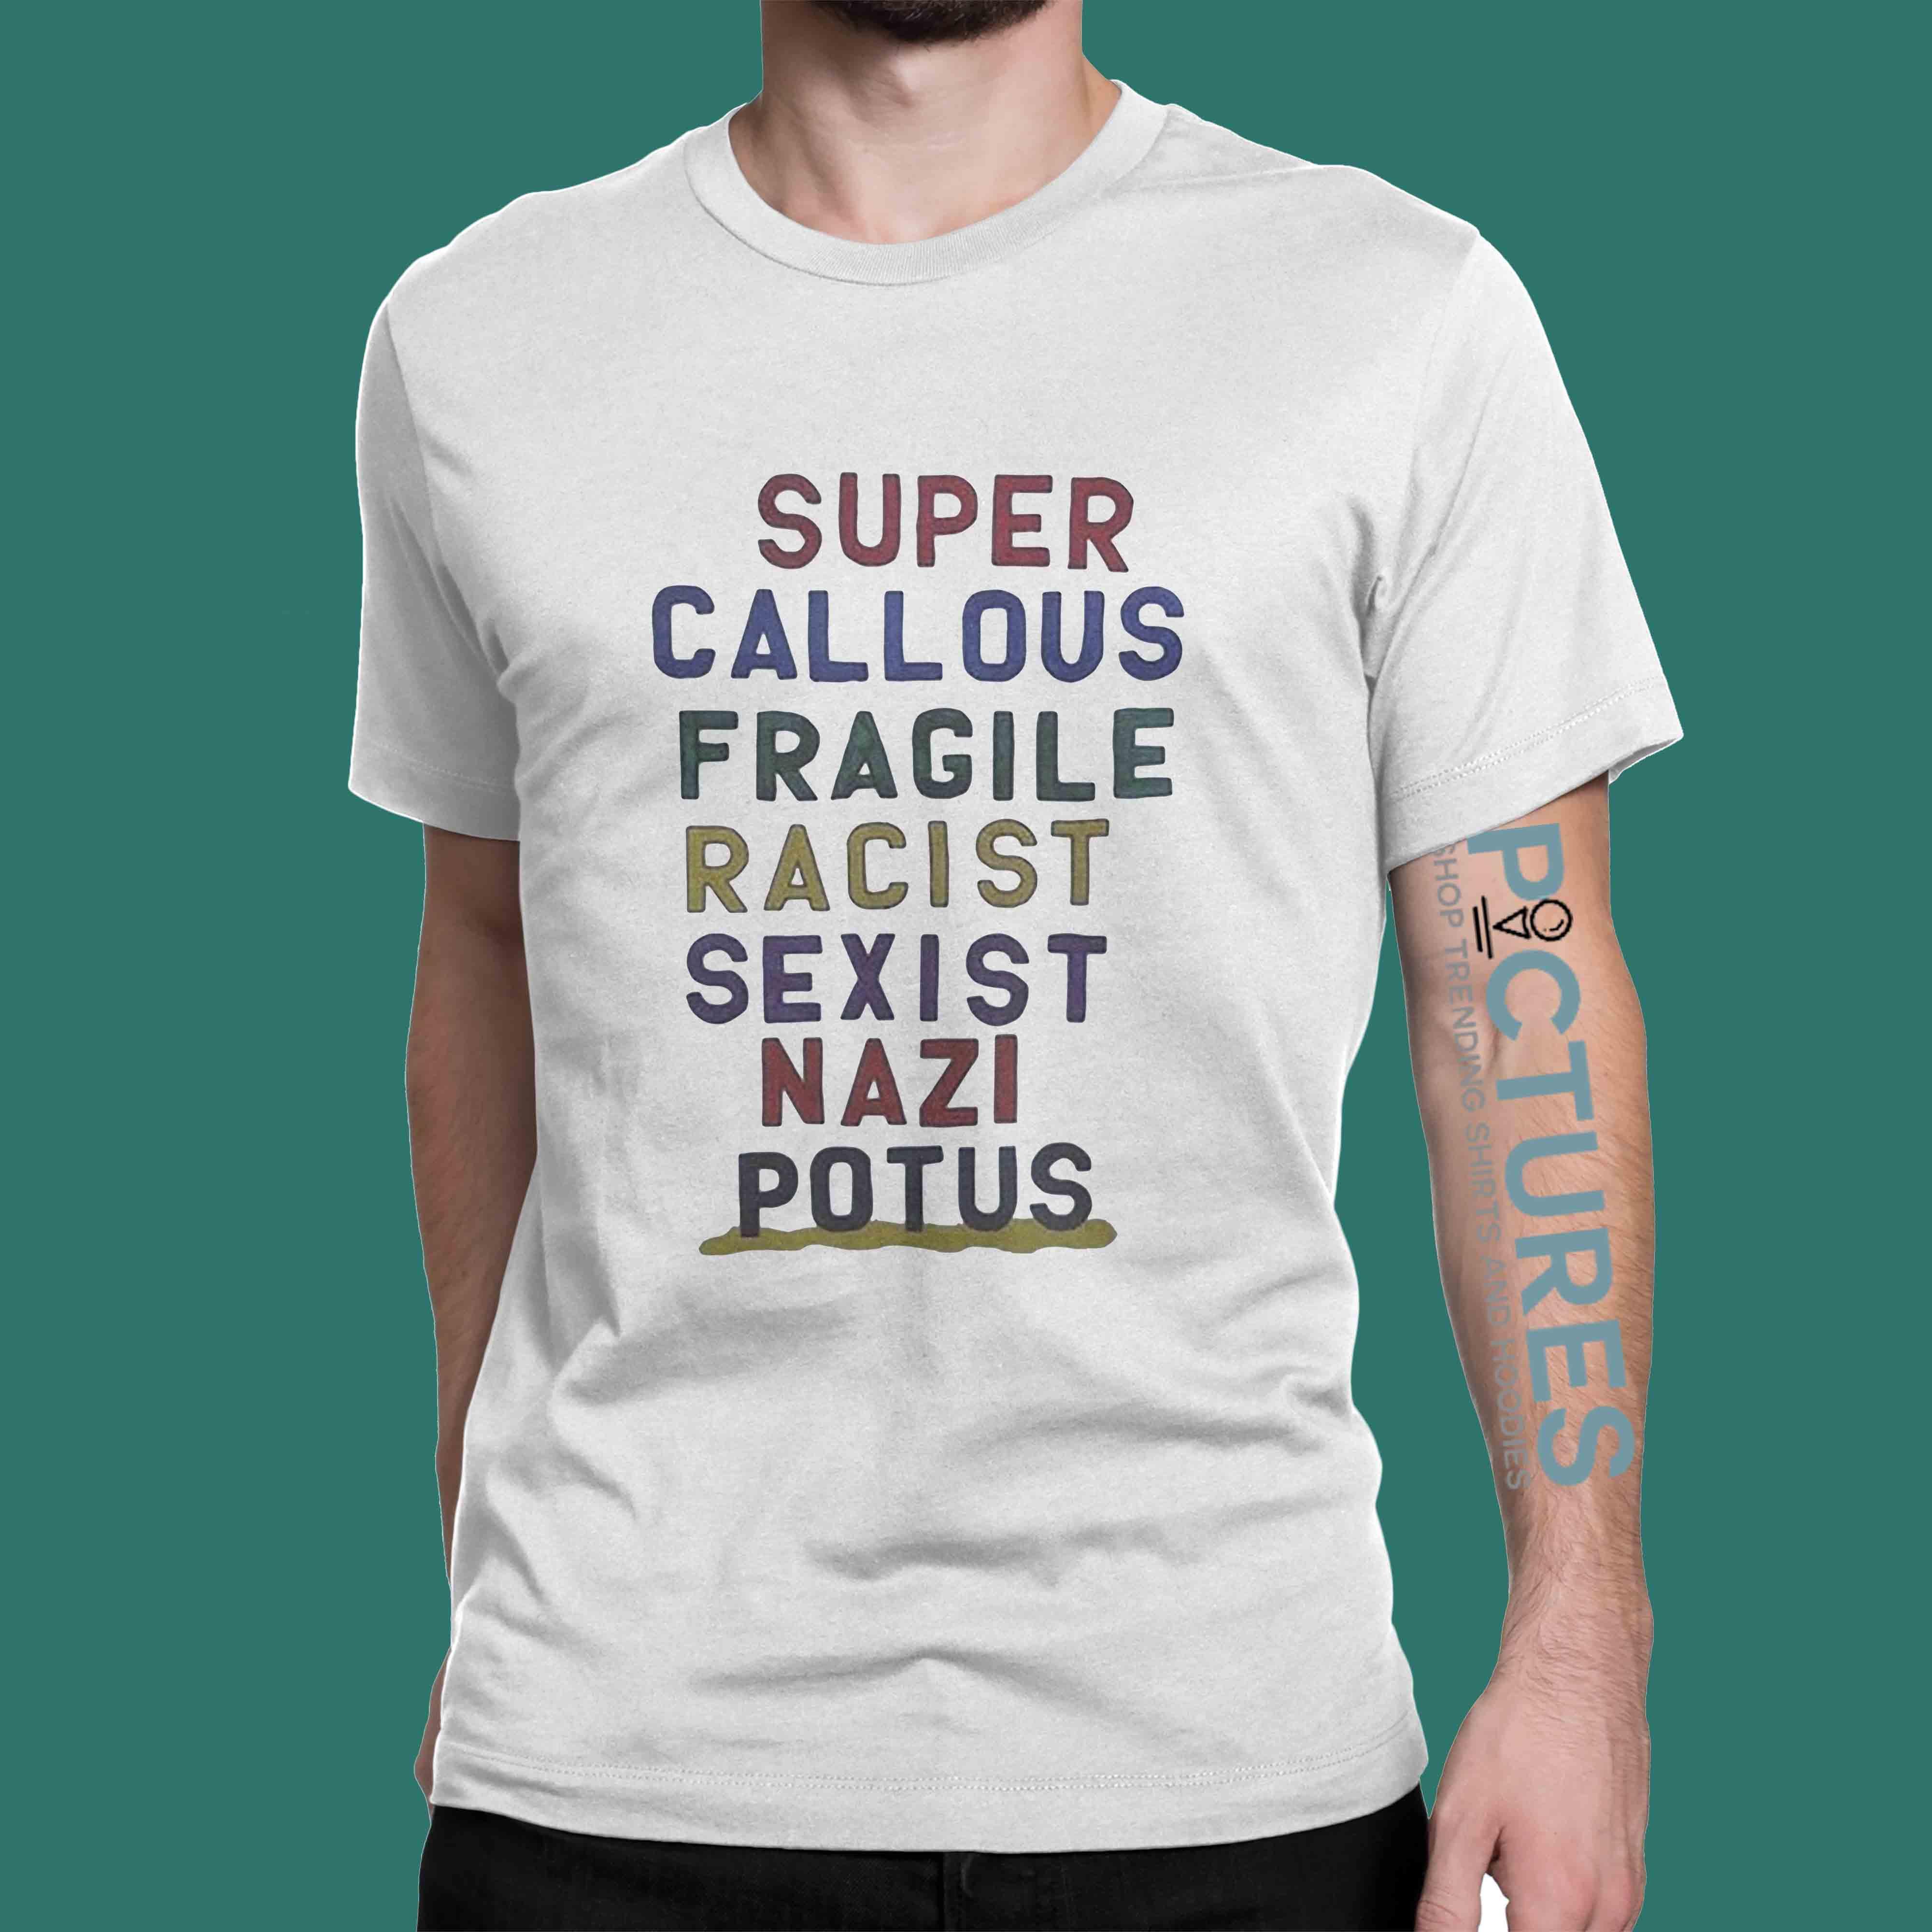 Super Callous Fragile Racist Sexist Nazi Potus shirt